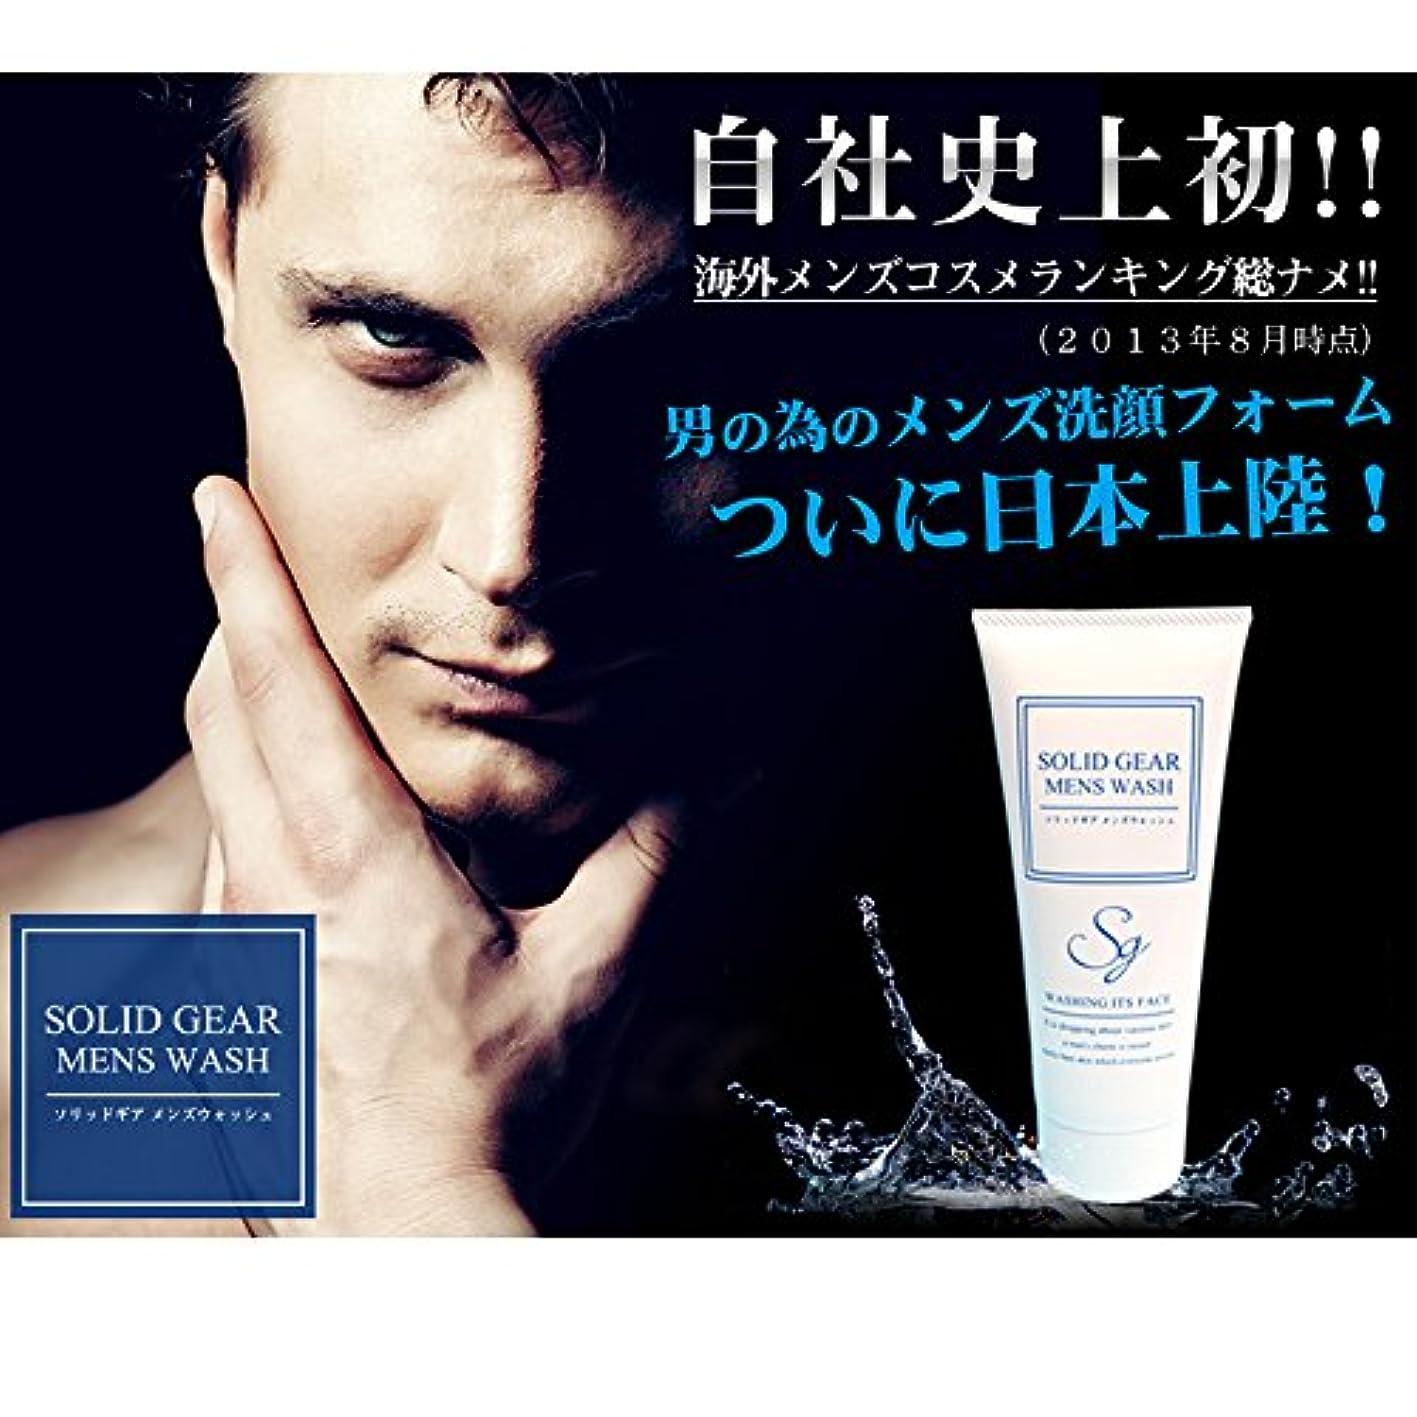 他に再生可能馬鹿げた男性用洗顔フォーム ソリッドギア メンズウォッシュ